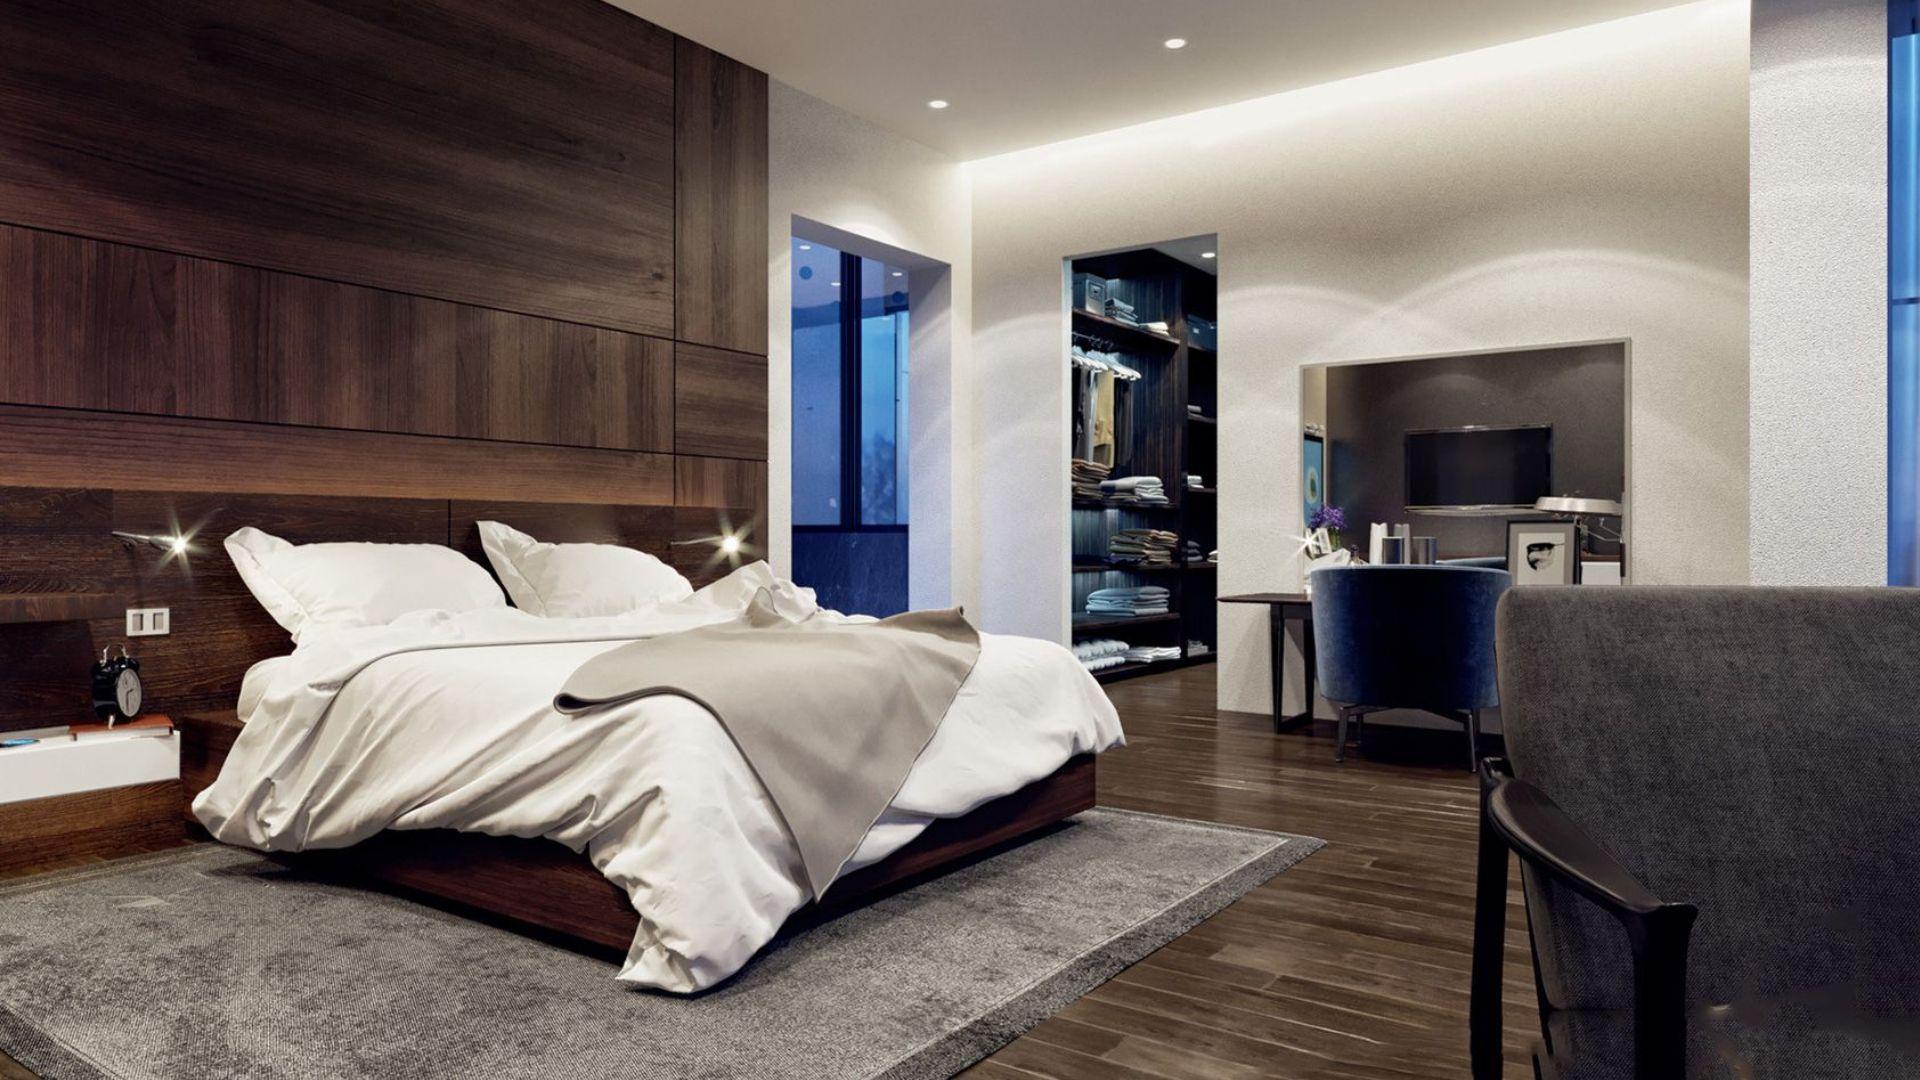 Adosado en venta en Dubai, EAU, 3 dormitorios, 205 m2, № 24313 – foto 1